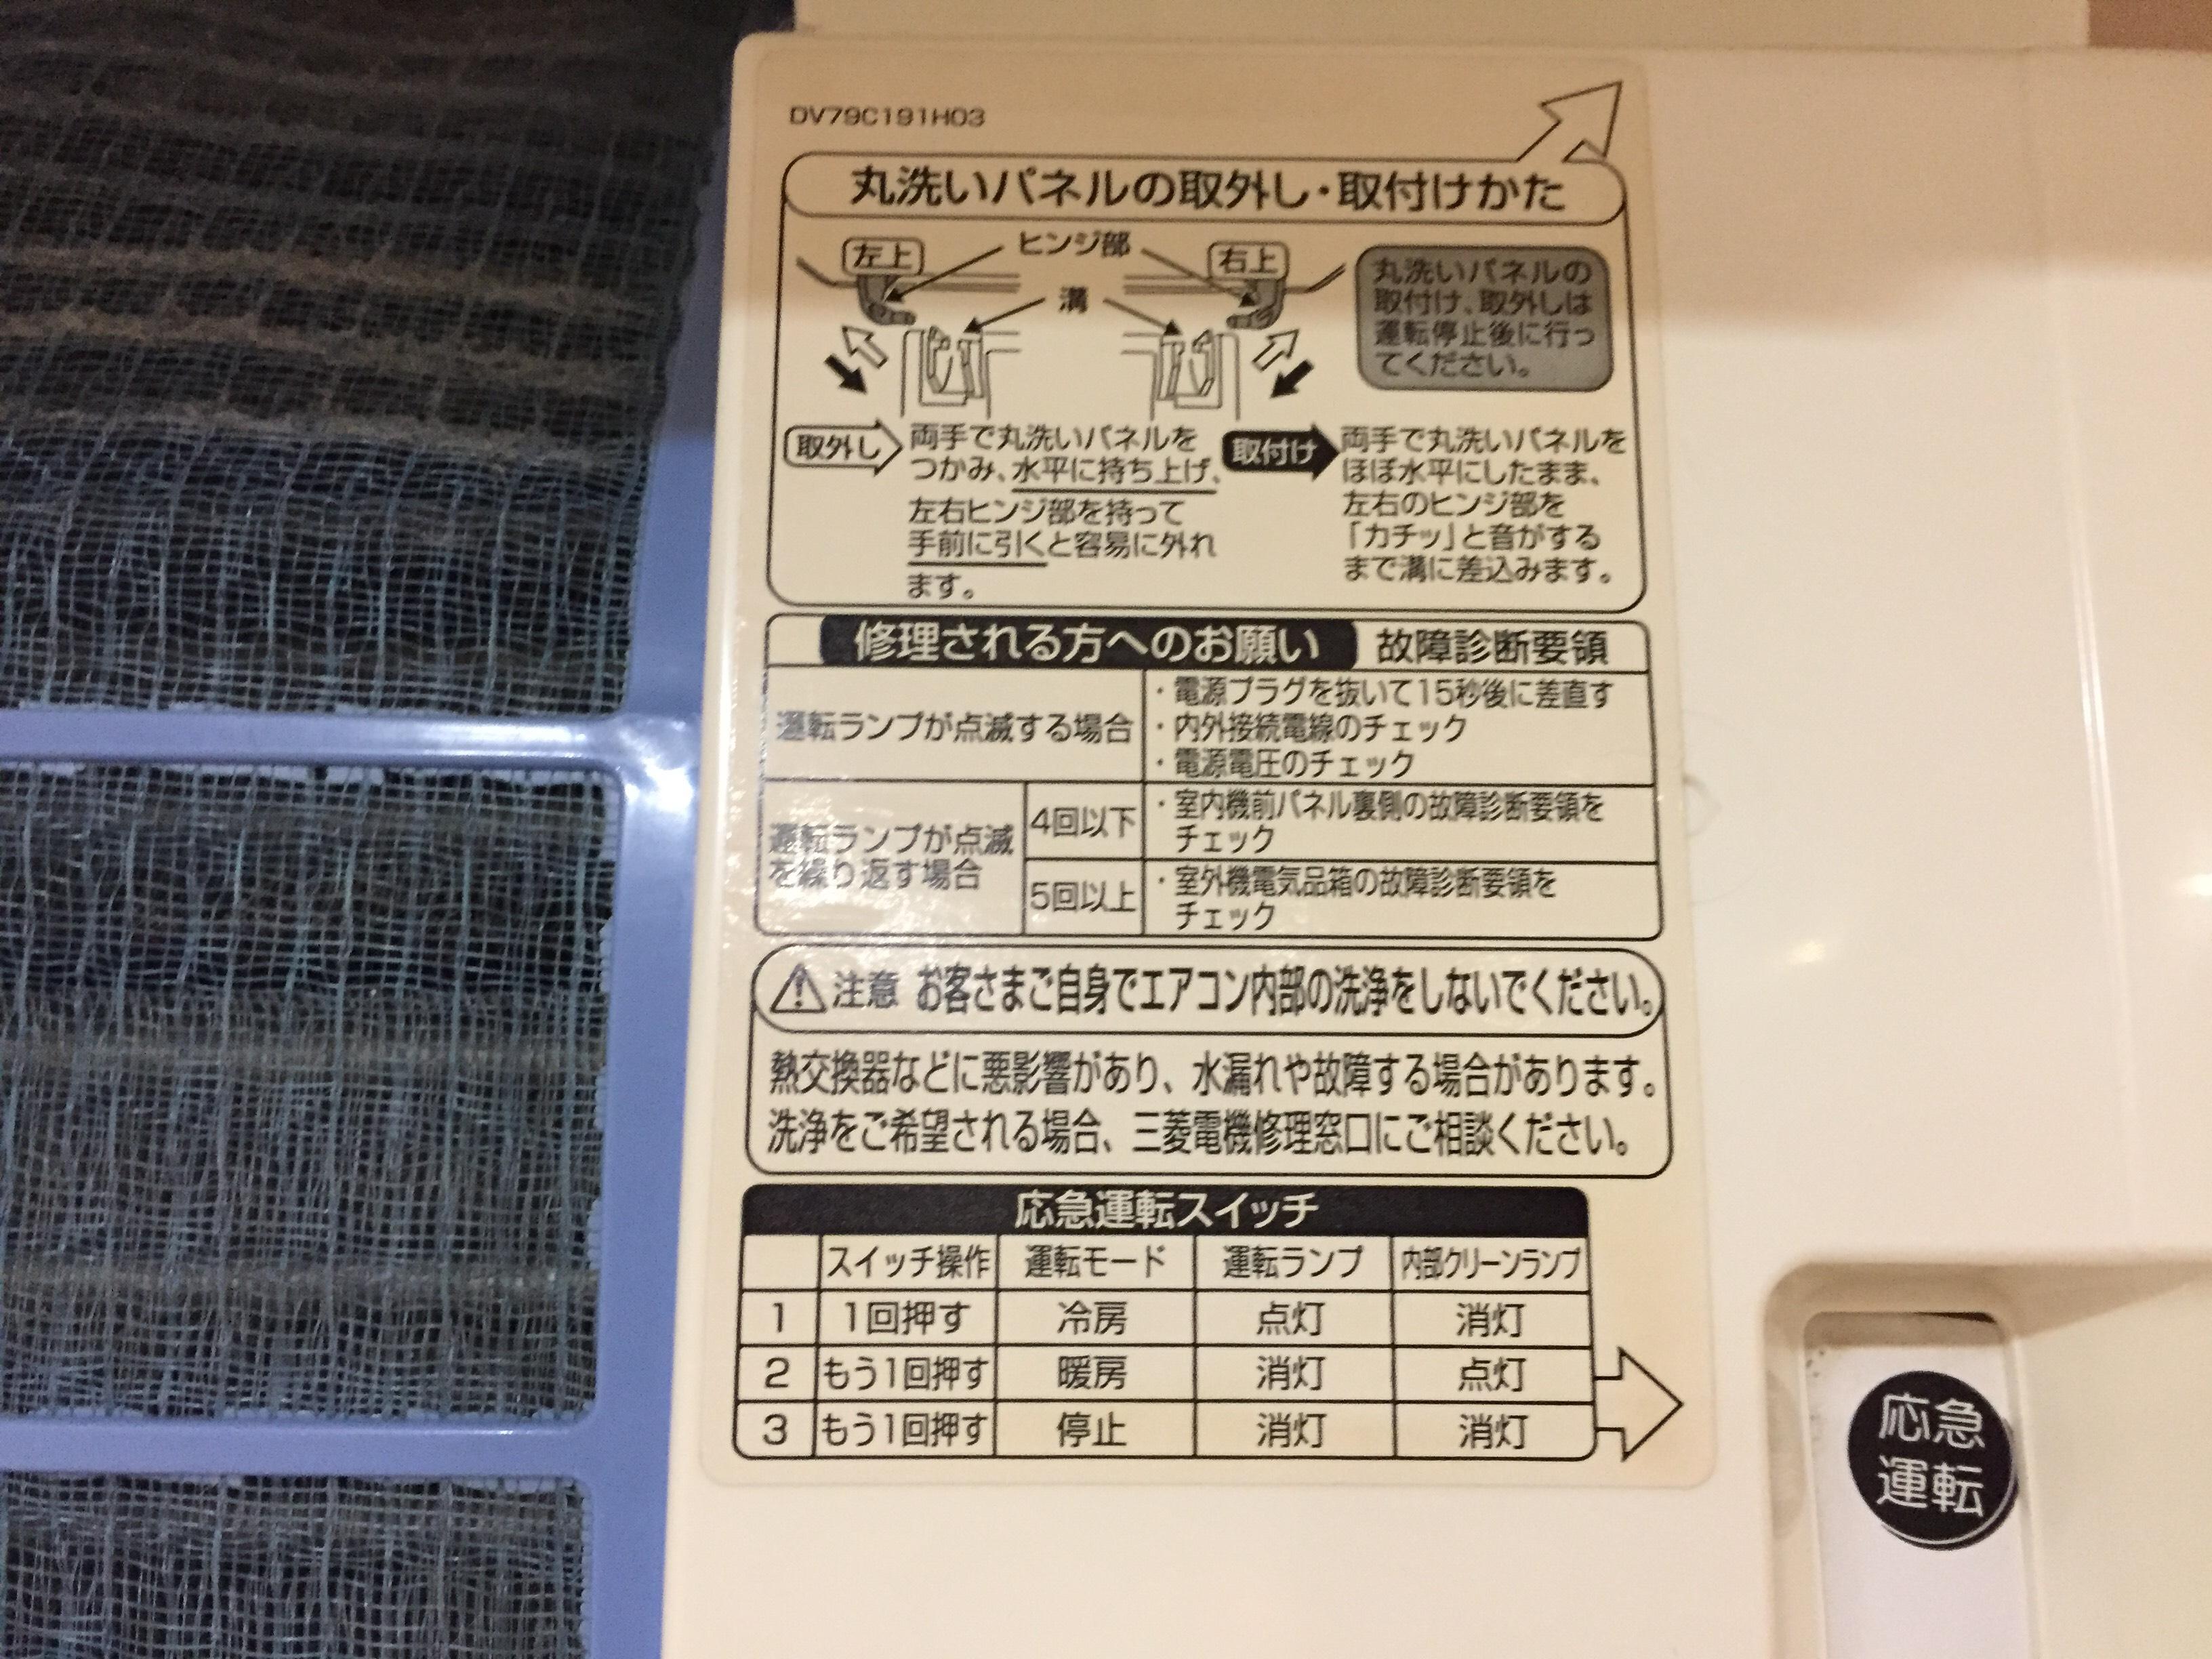 三菱 霧ヶ峰 エアコン 電源ランプ 5回 点滅